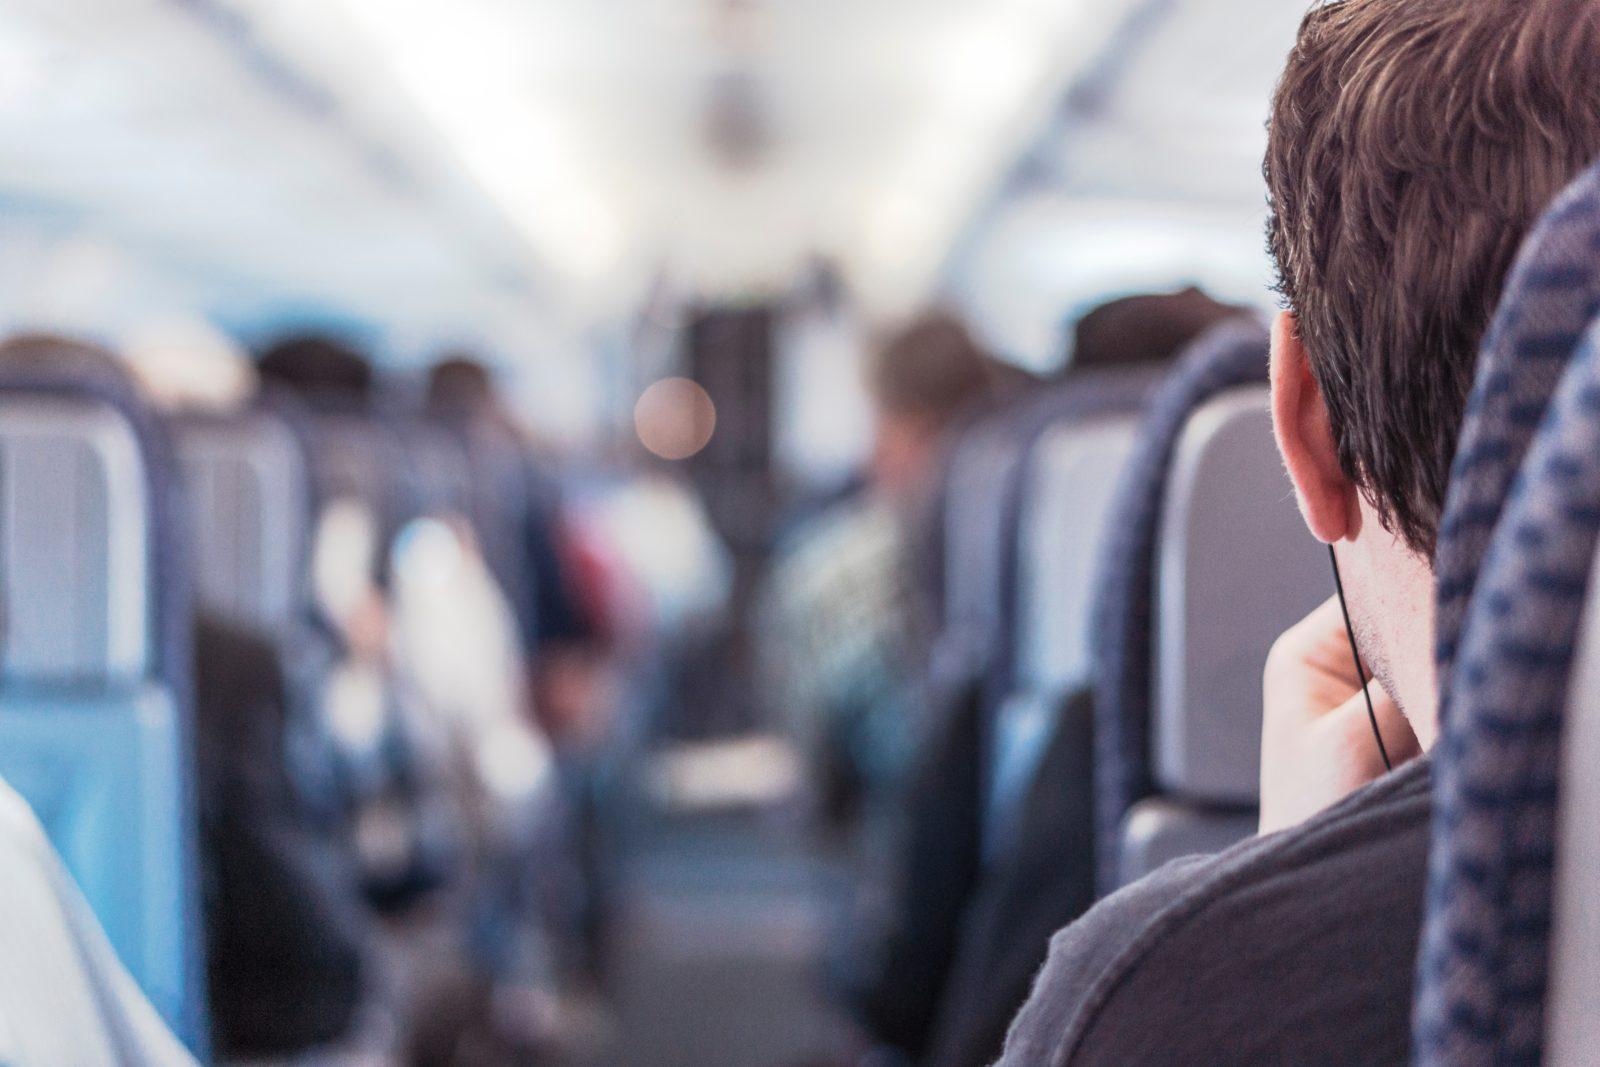 Bitmeyen Trajikomik Hikaye: Seyahatlerde Başımıza Gelen Türlü Sağlık Olayları ve Seyahat Sigortası